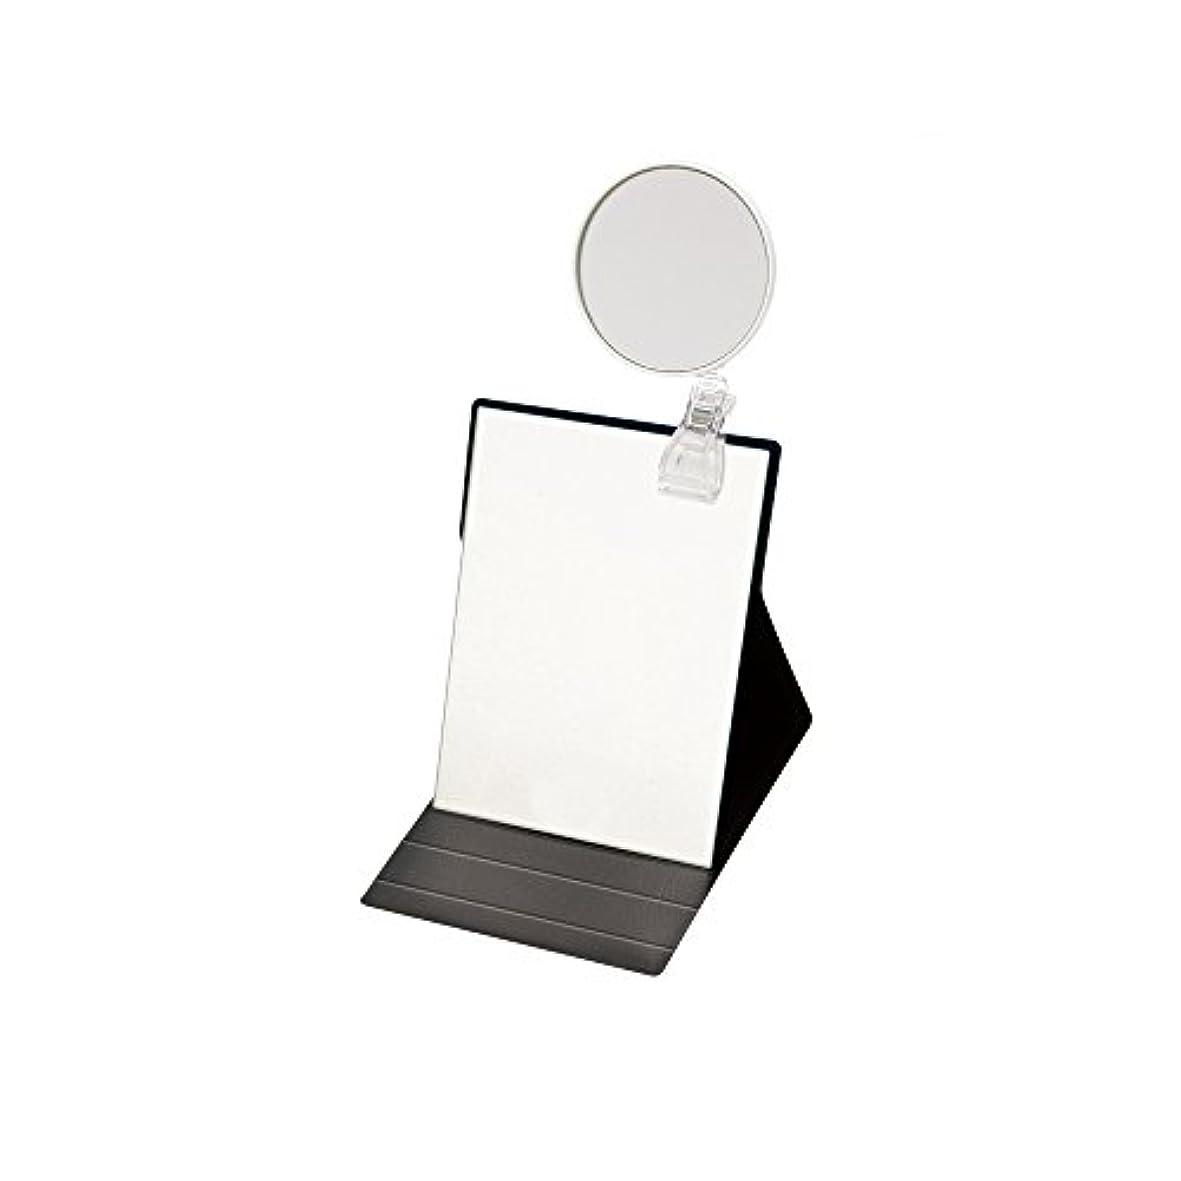 宗教的な厚いかかわらずナピュアミラー 3倍拡大鏡付きプロモデル折立ナピュアミラーM ブラック HP-50×3